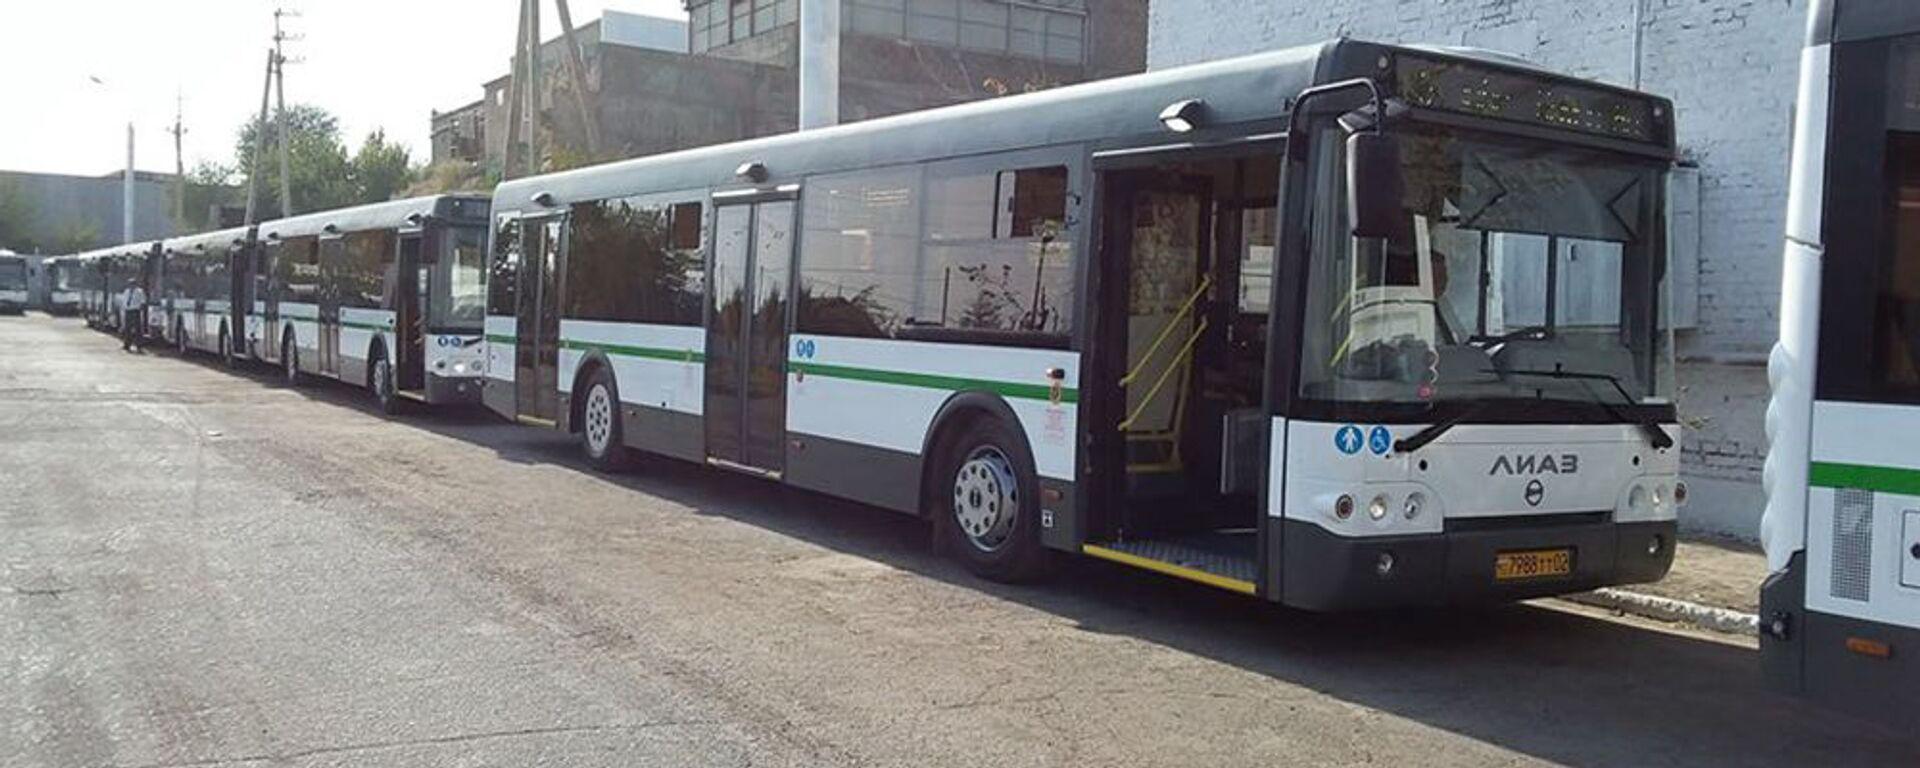 В Худжанде вводят в эксплуатацию автобусы с электронной системой платежей - Sputnik Тоҷикистон, 1920, 09.08.2021